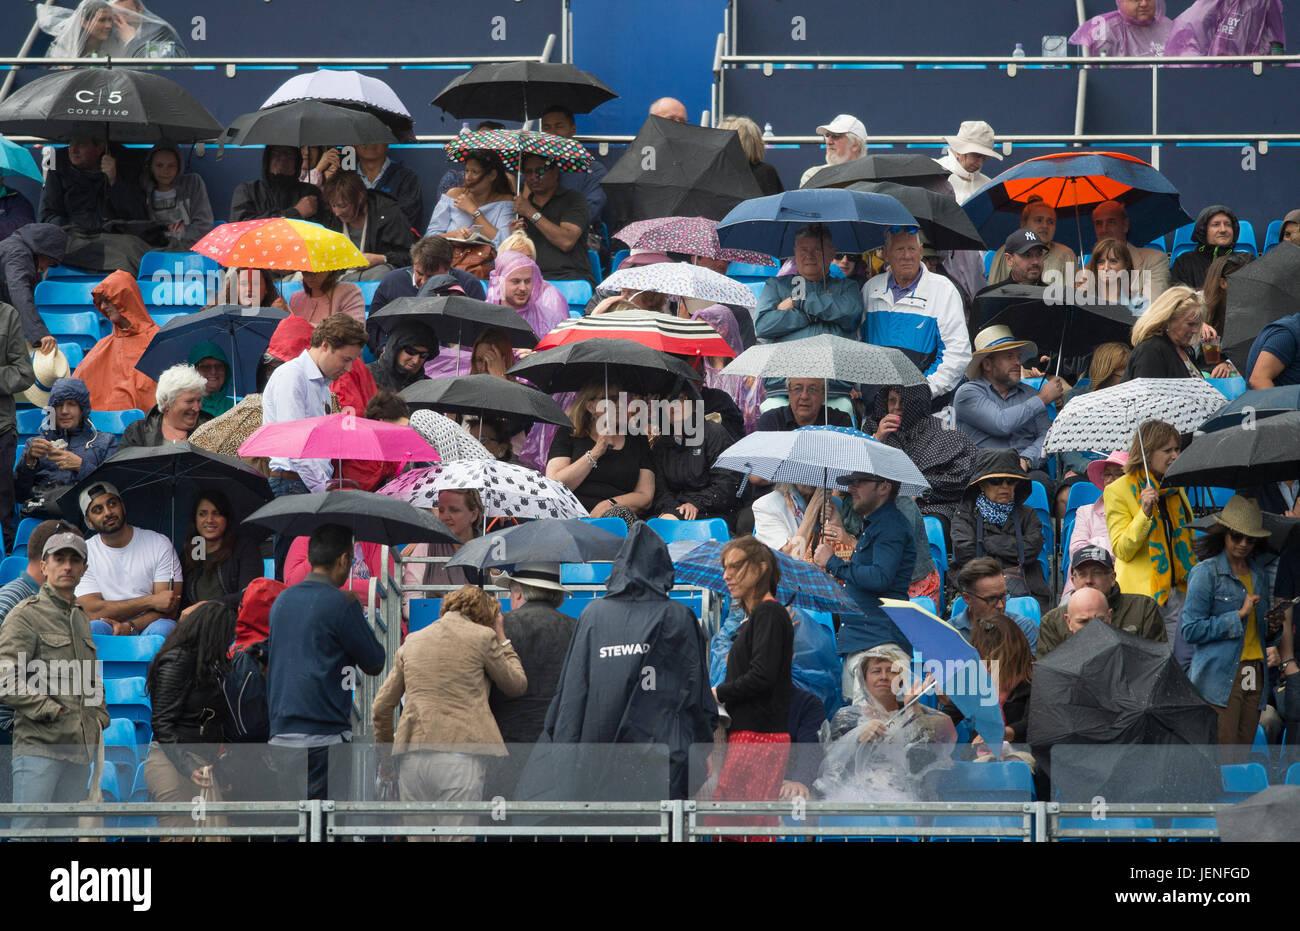 El 24 de junio de 2017. Heavy Rain interrumpe la reproducción en semi-final del día en el 2017 Aegon Championships, el Queen's Club, Londres Foto de stock